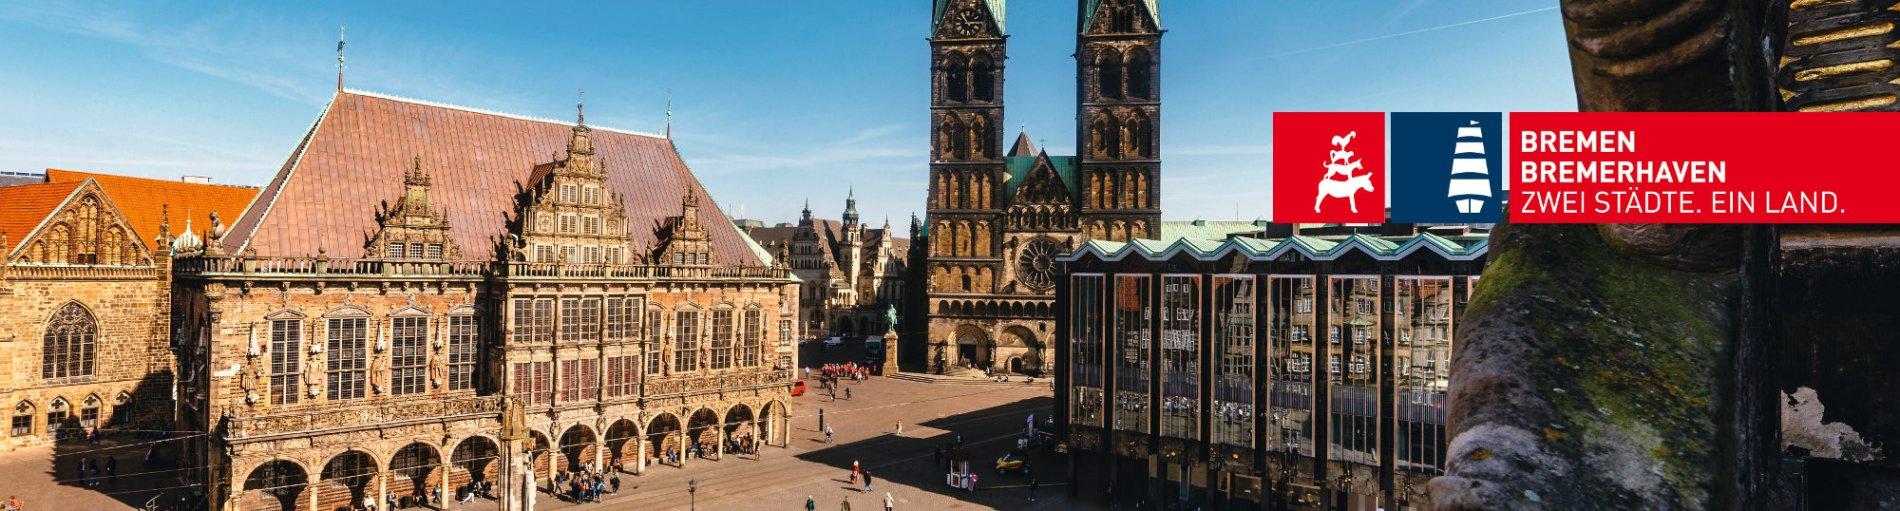 Rathaus und Marktplatz von Bremen